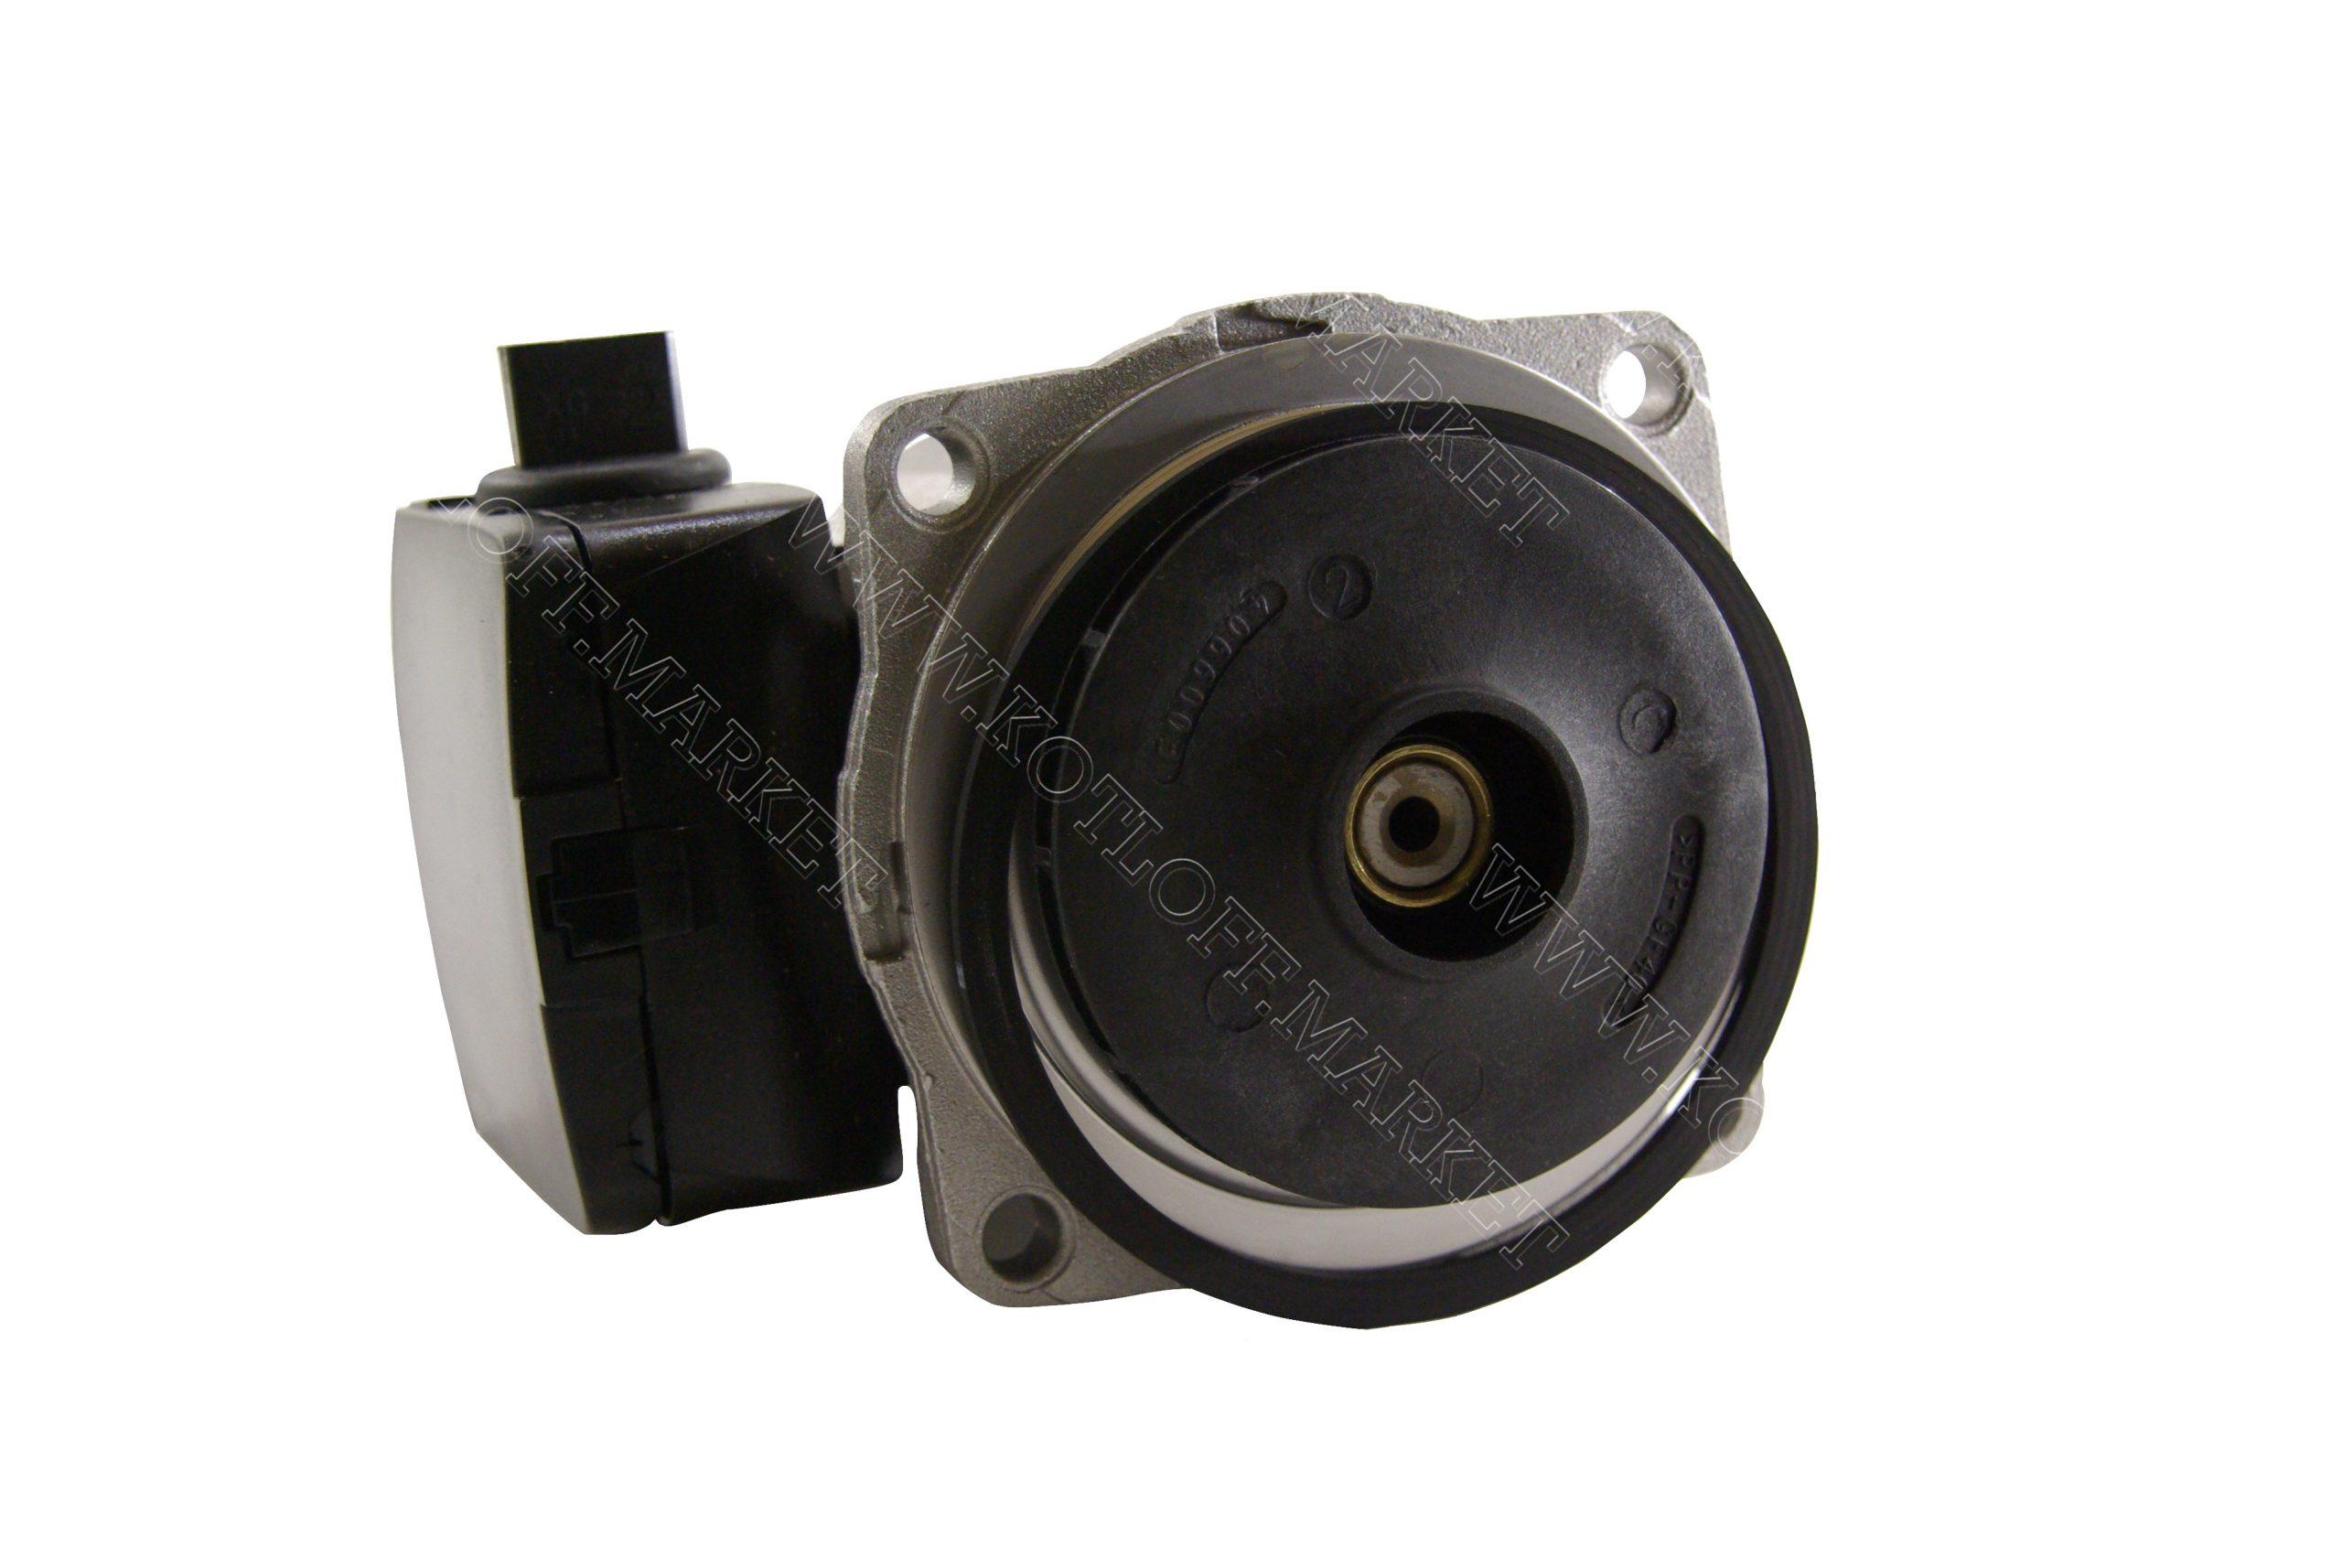 Циркуляционный насос (двигатель насоса) Wilo 15/5 трехскоростной, на широкий модельный ряд котлов арт. 39810560